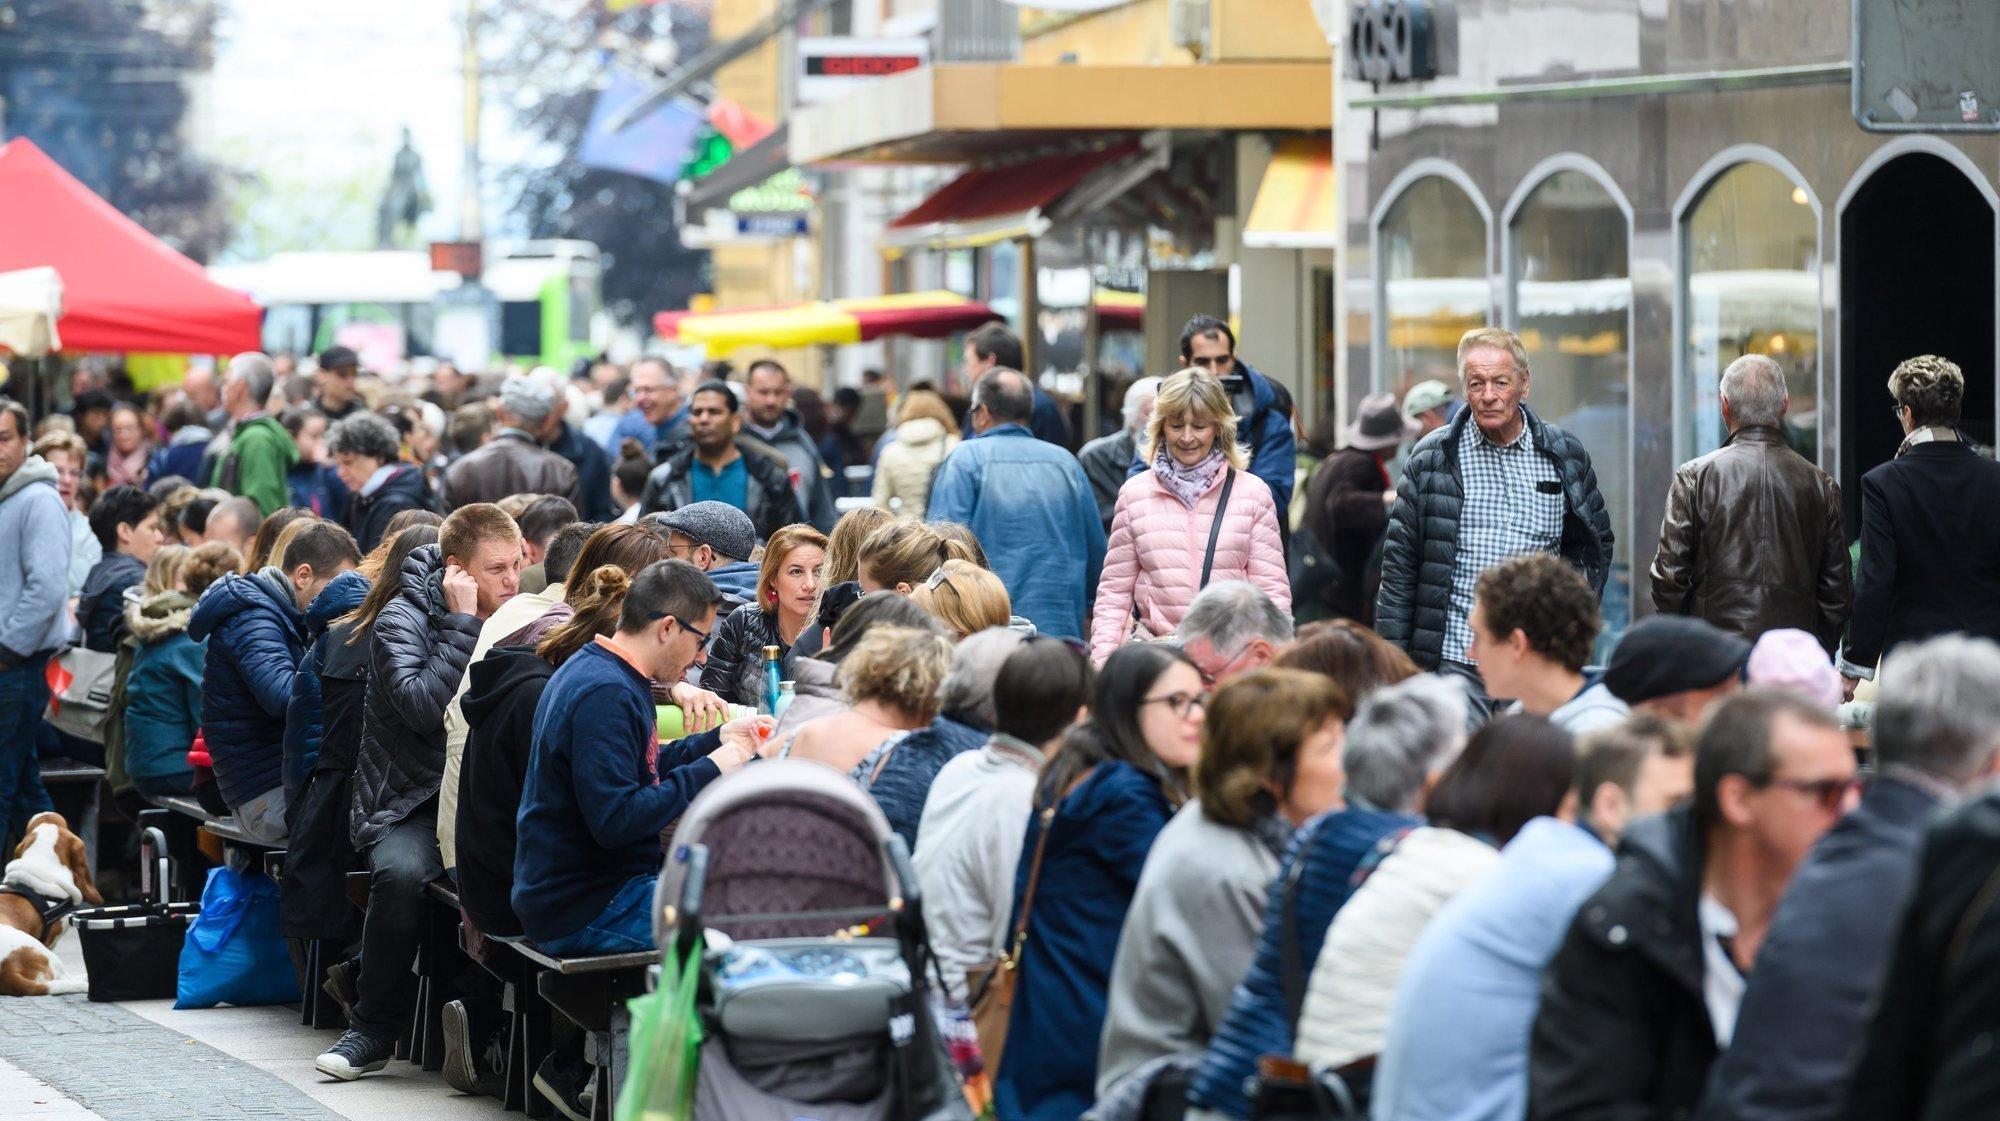 De nombreuses festivités avaient été organisées à l'occasion des quarante ans de la zone piétonne de Neuchâtel. Ici, un pique-nique géant à la rue du Seyon en mai.